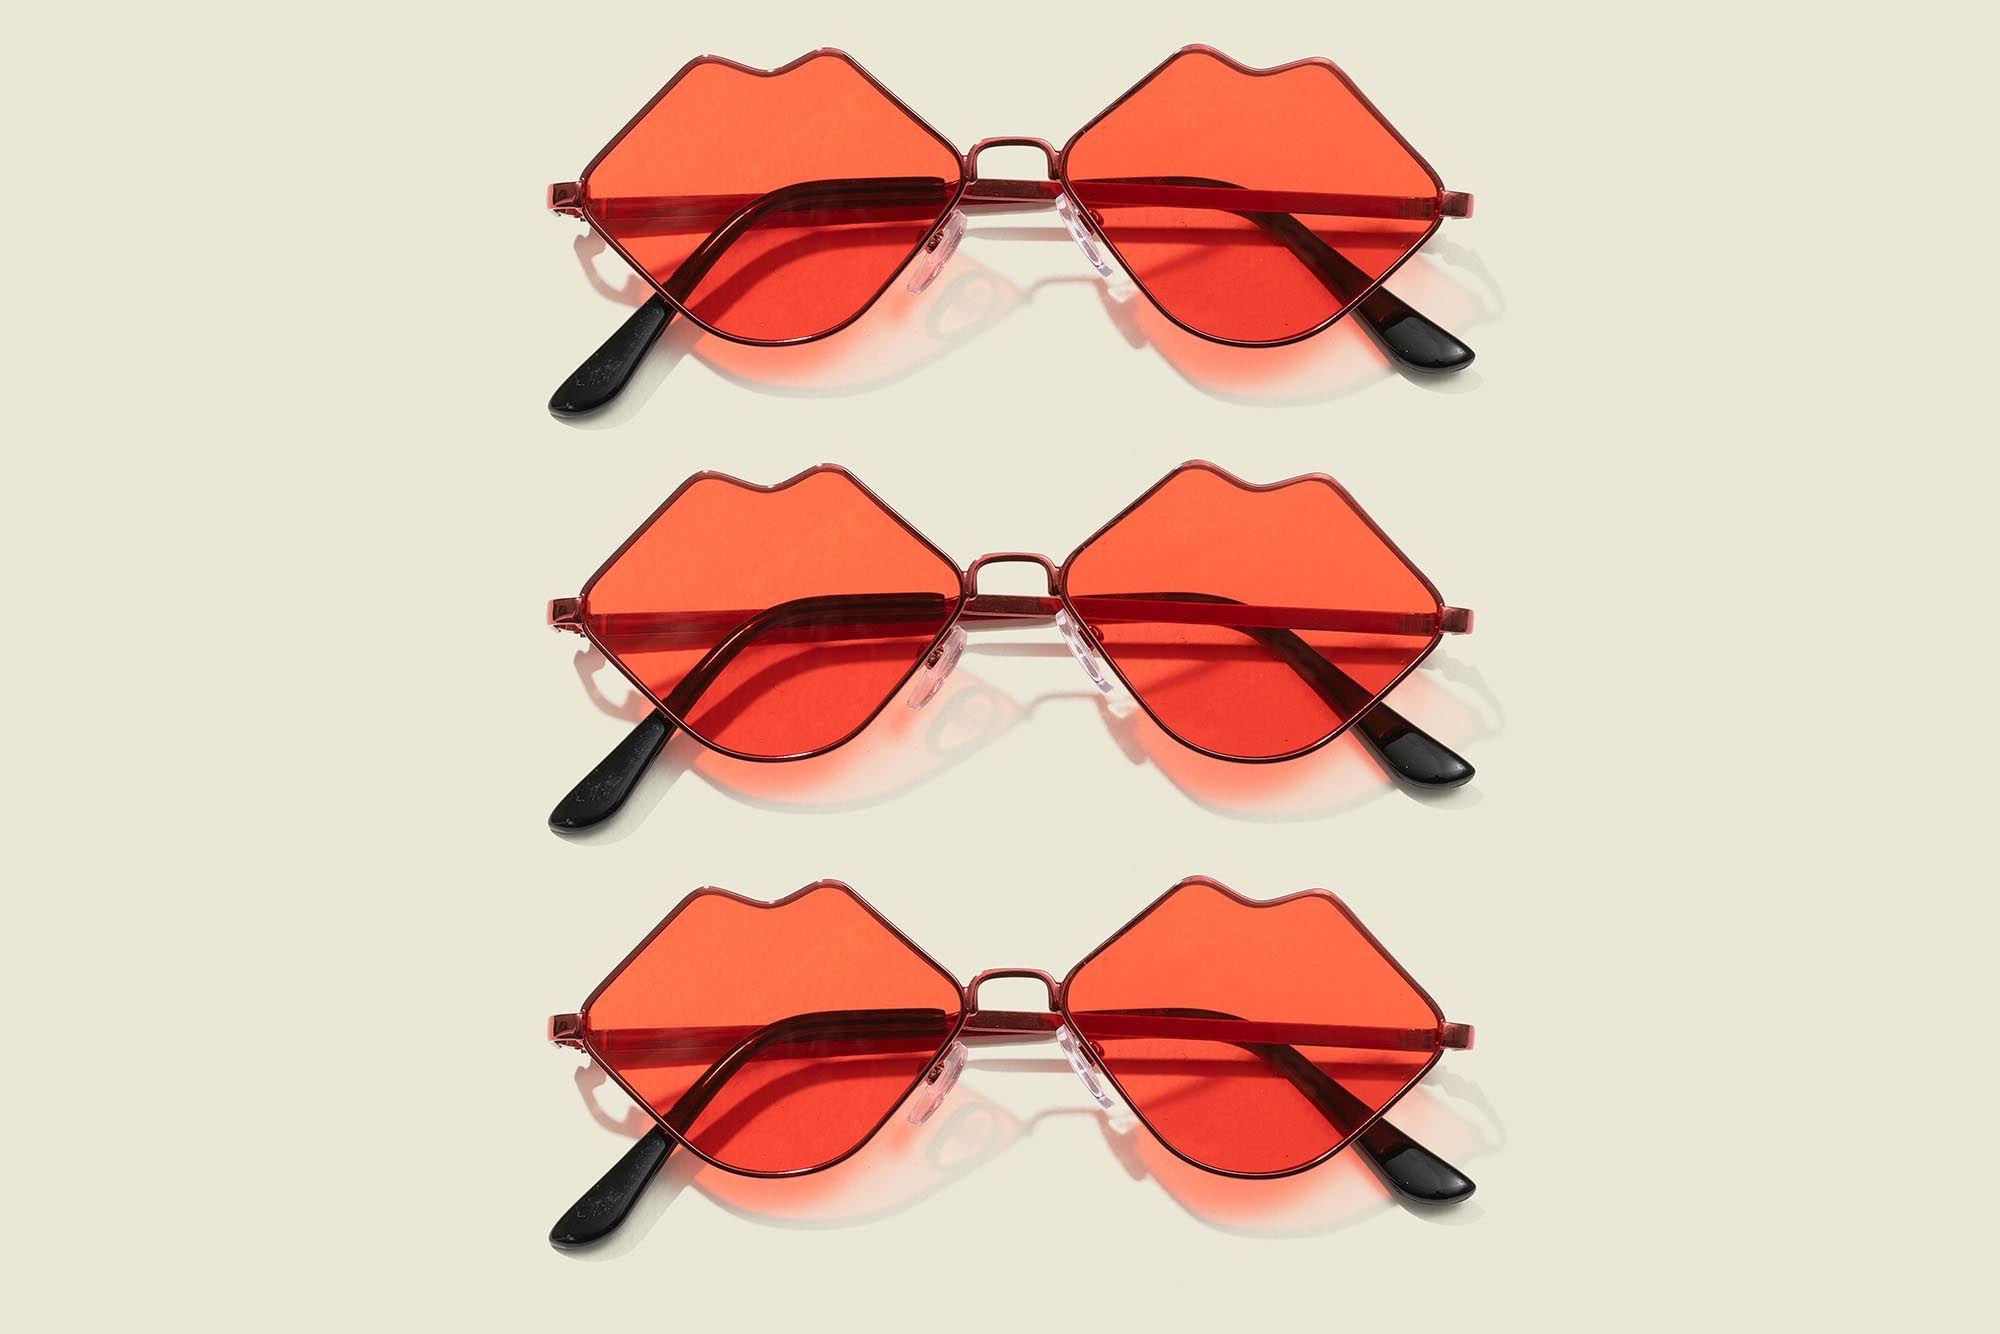 Set of lip shaped sunglasses